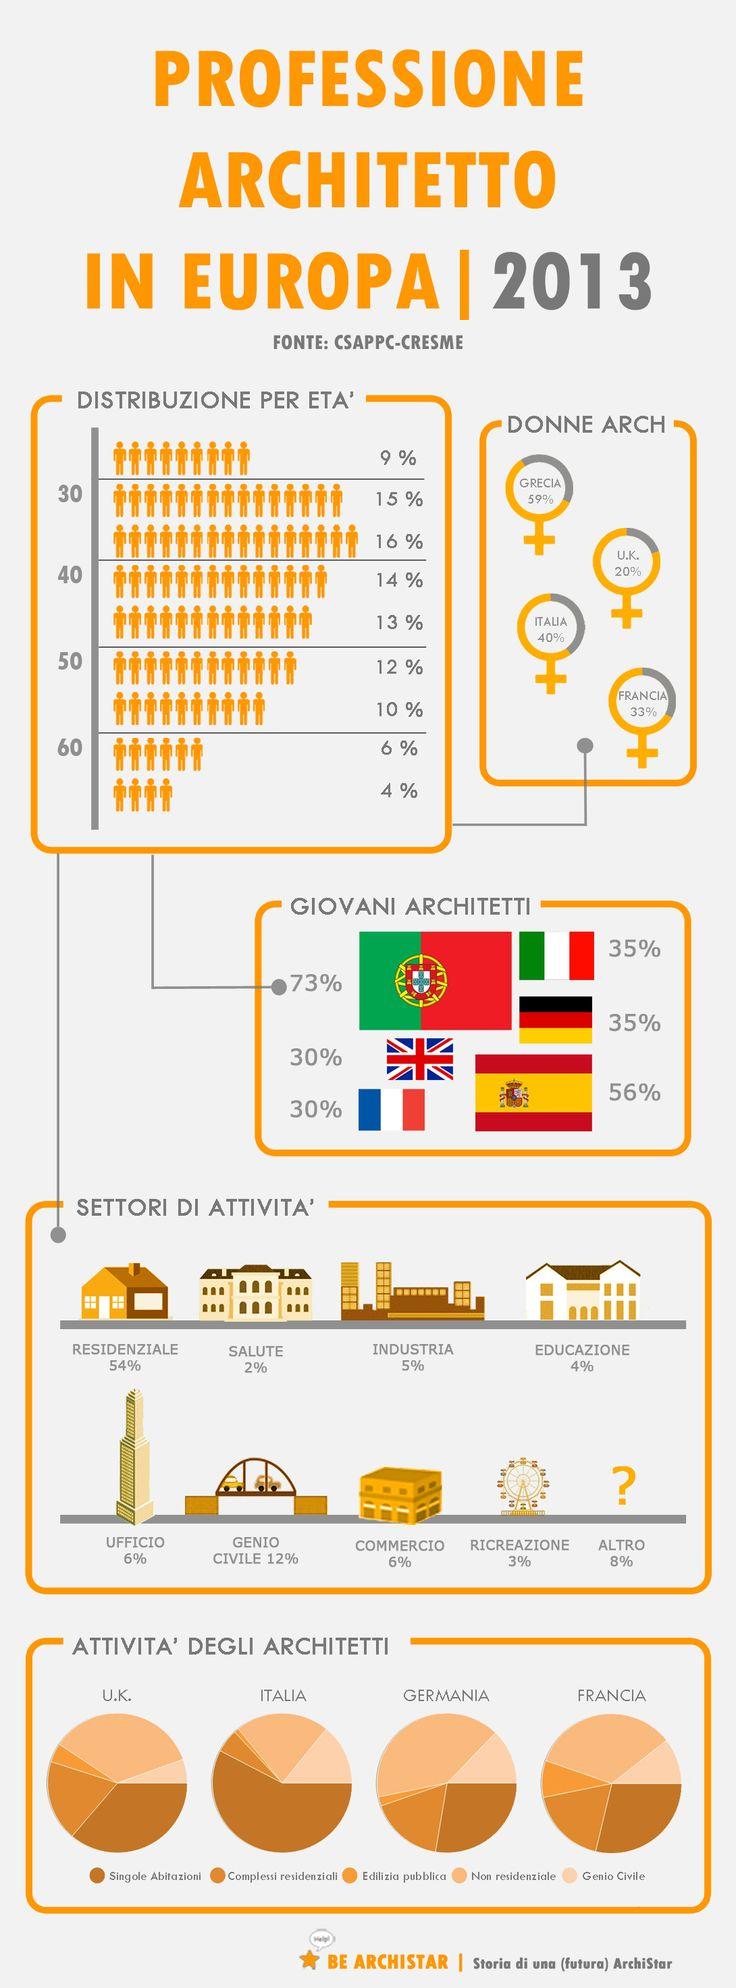 Professione Architetto in Europa / 2013